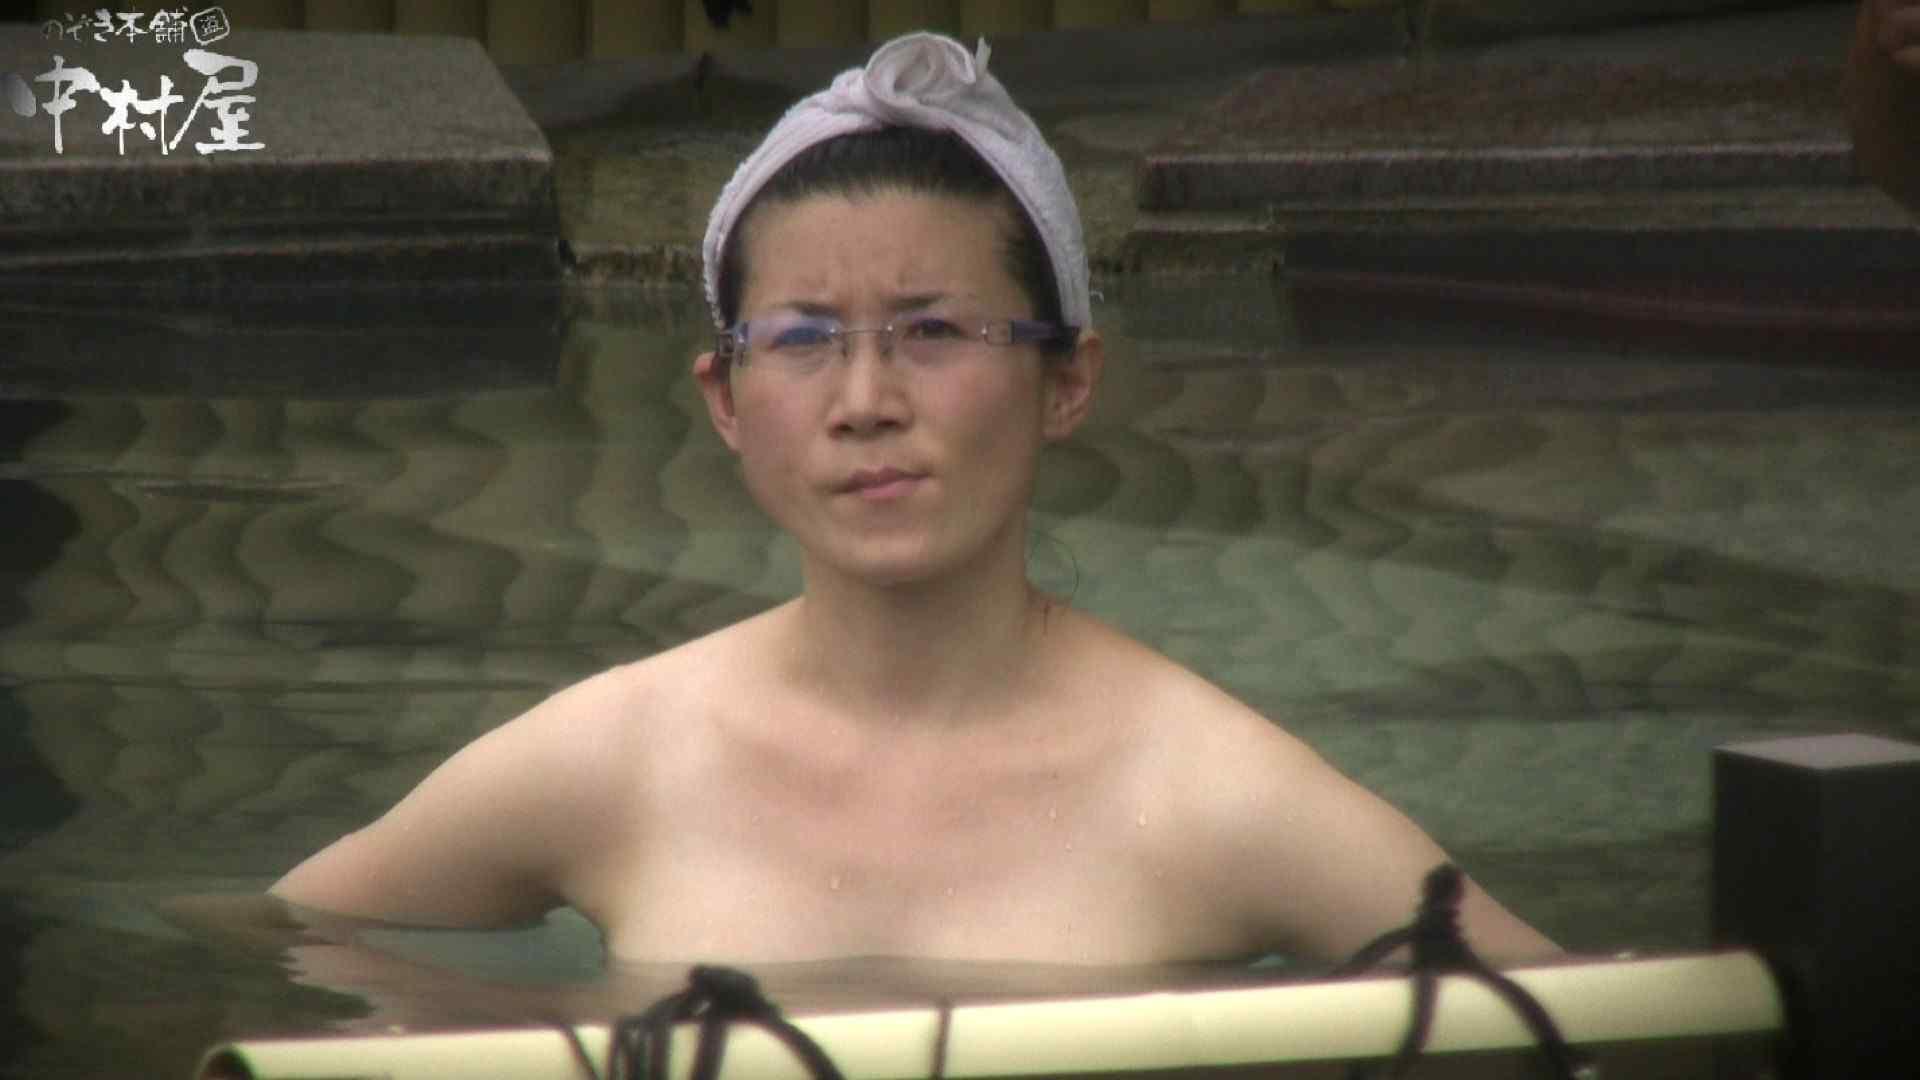 Aquaな露天風呂Vol.905 露天 | 盗撮  90pic 29